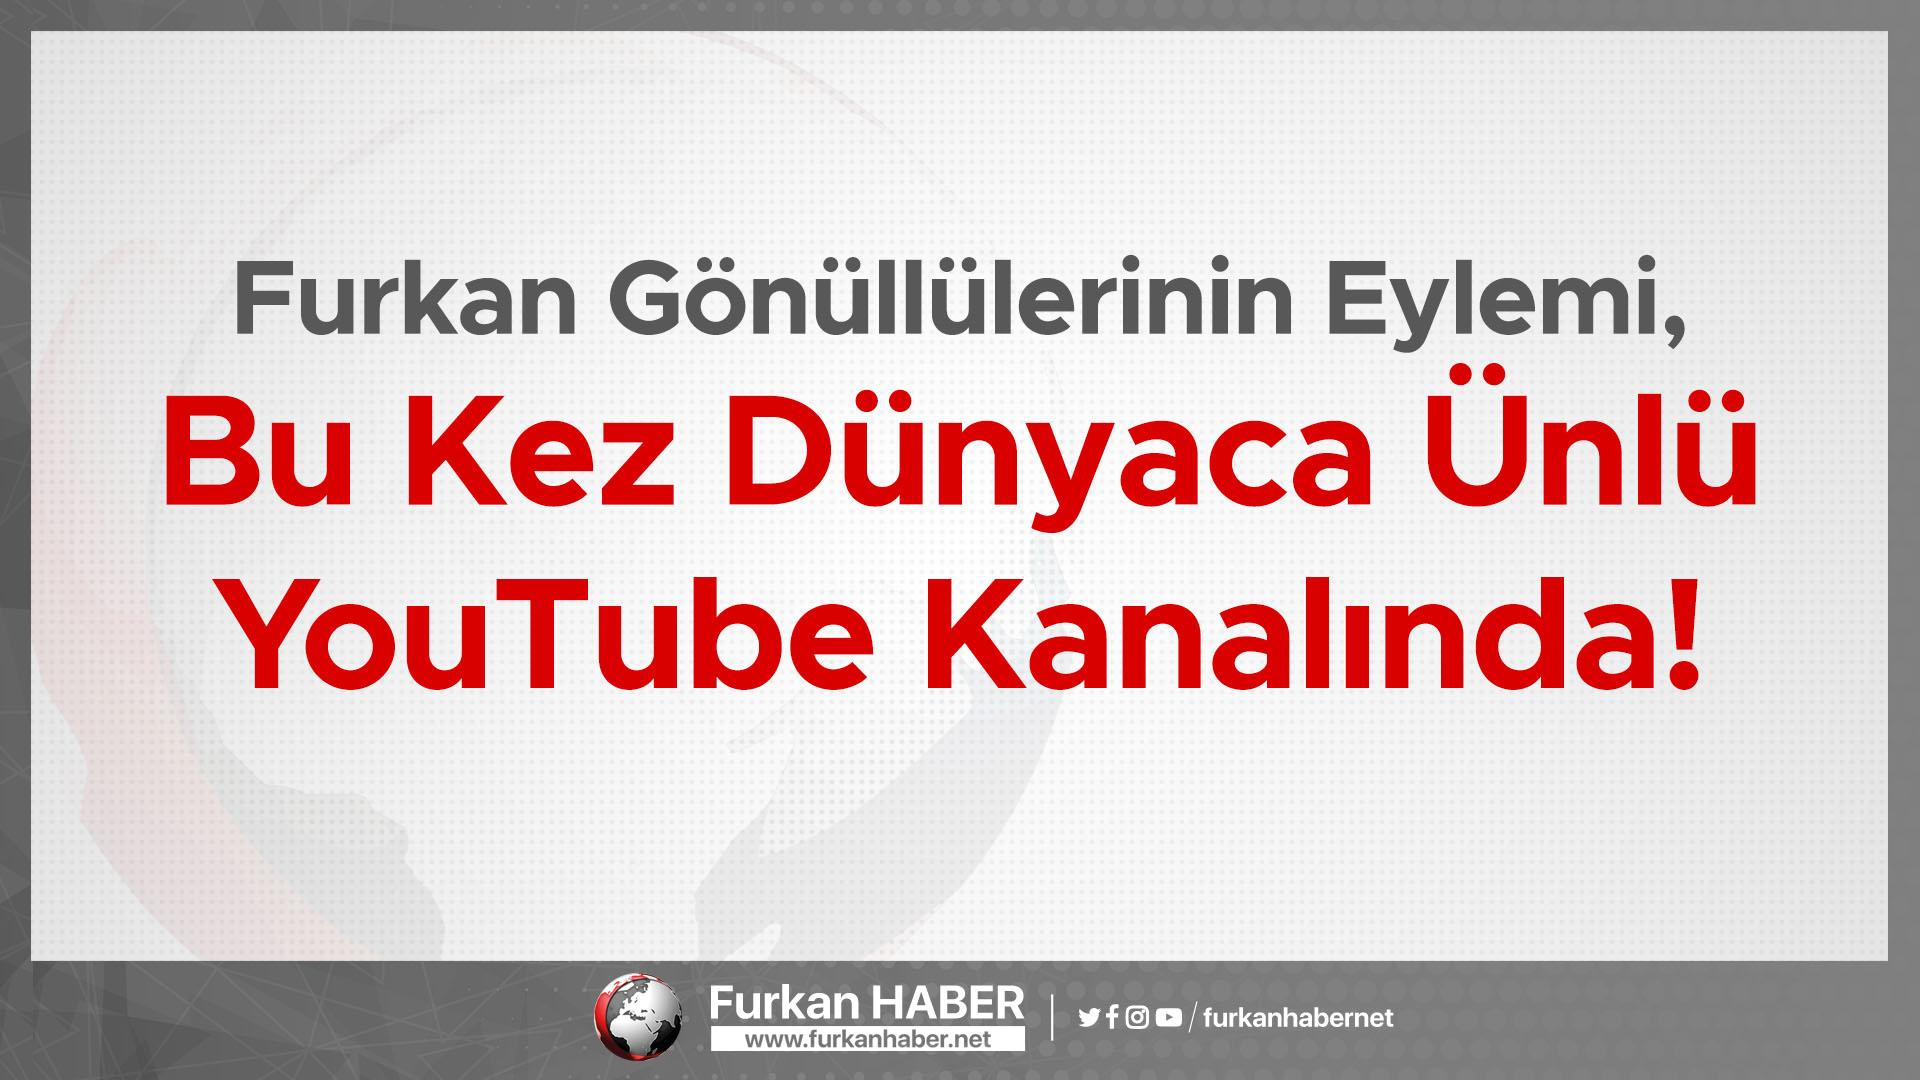 Furkan Gönüllülerinin Eylemi, Bu Kez Dünyaca Ünlü YouTube Kanalında!